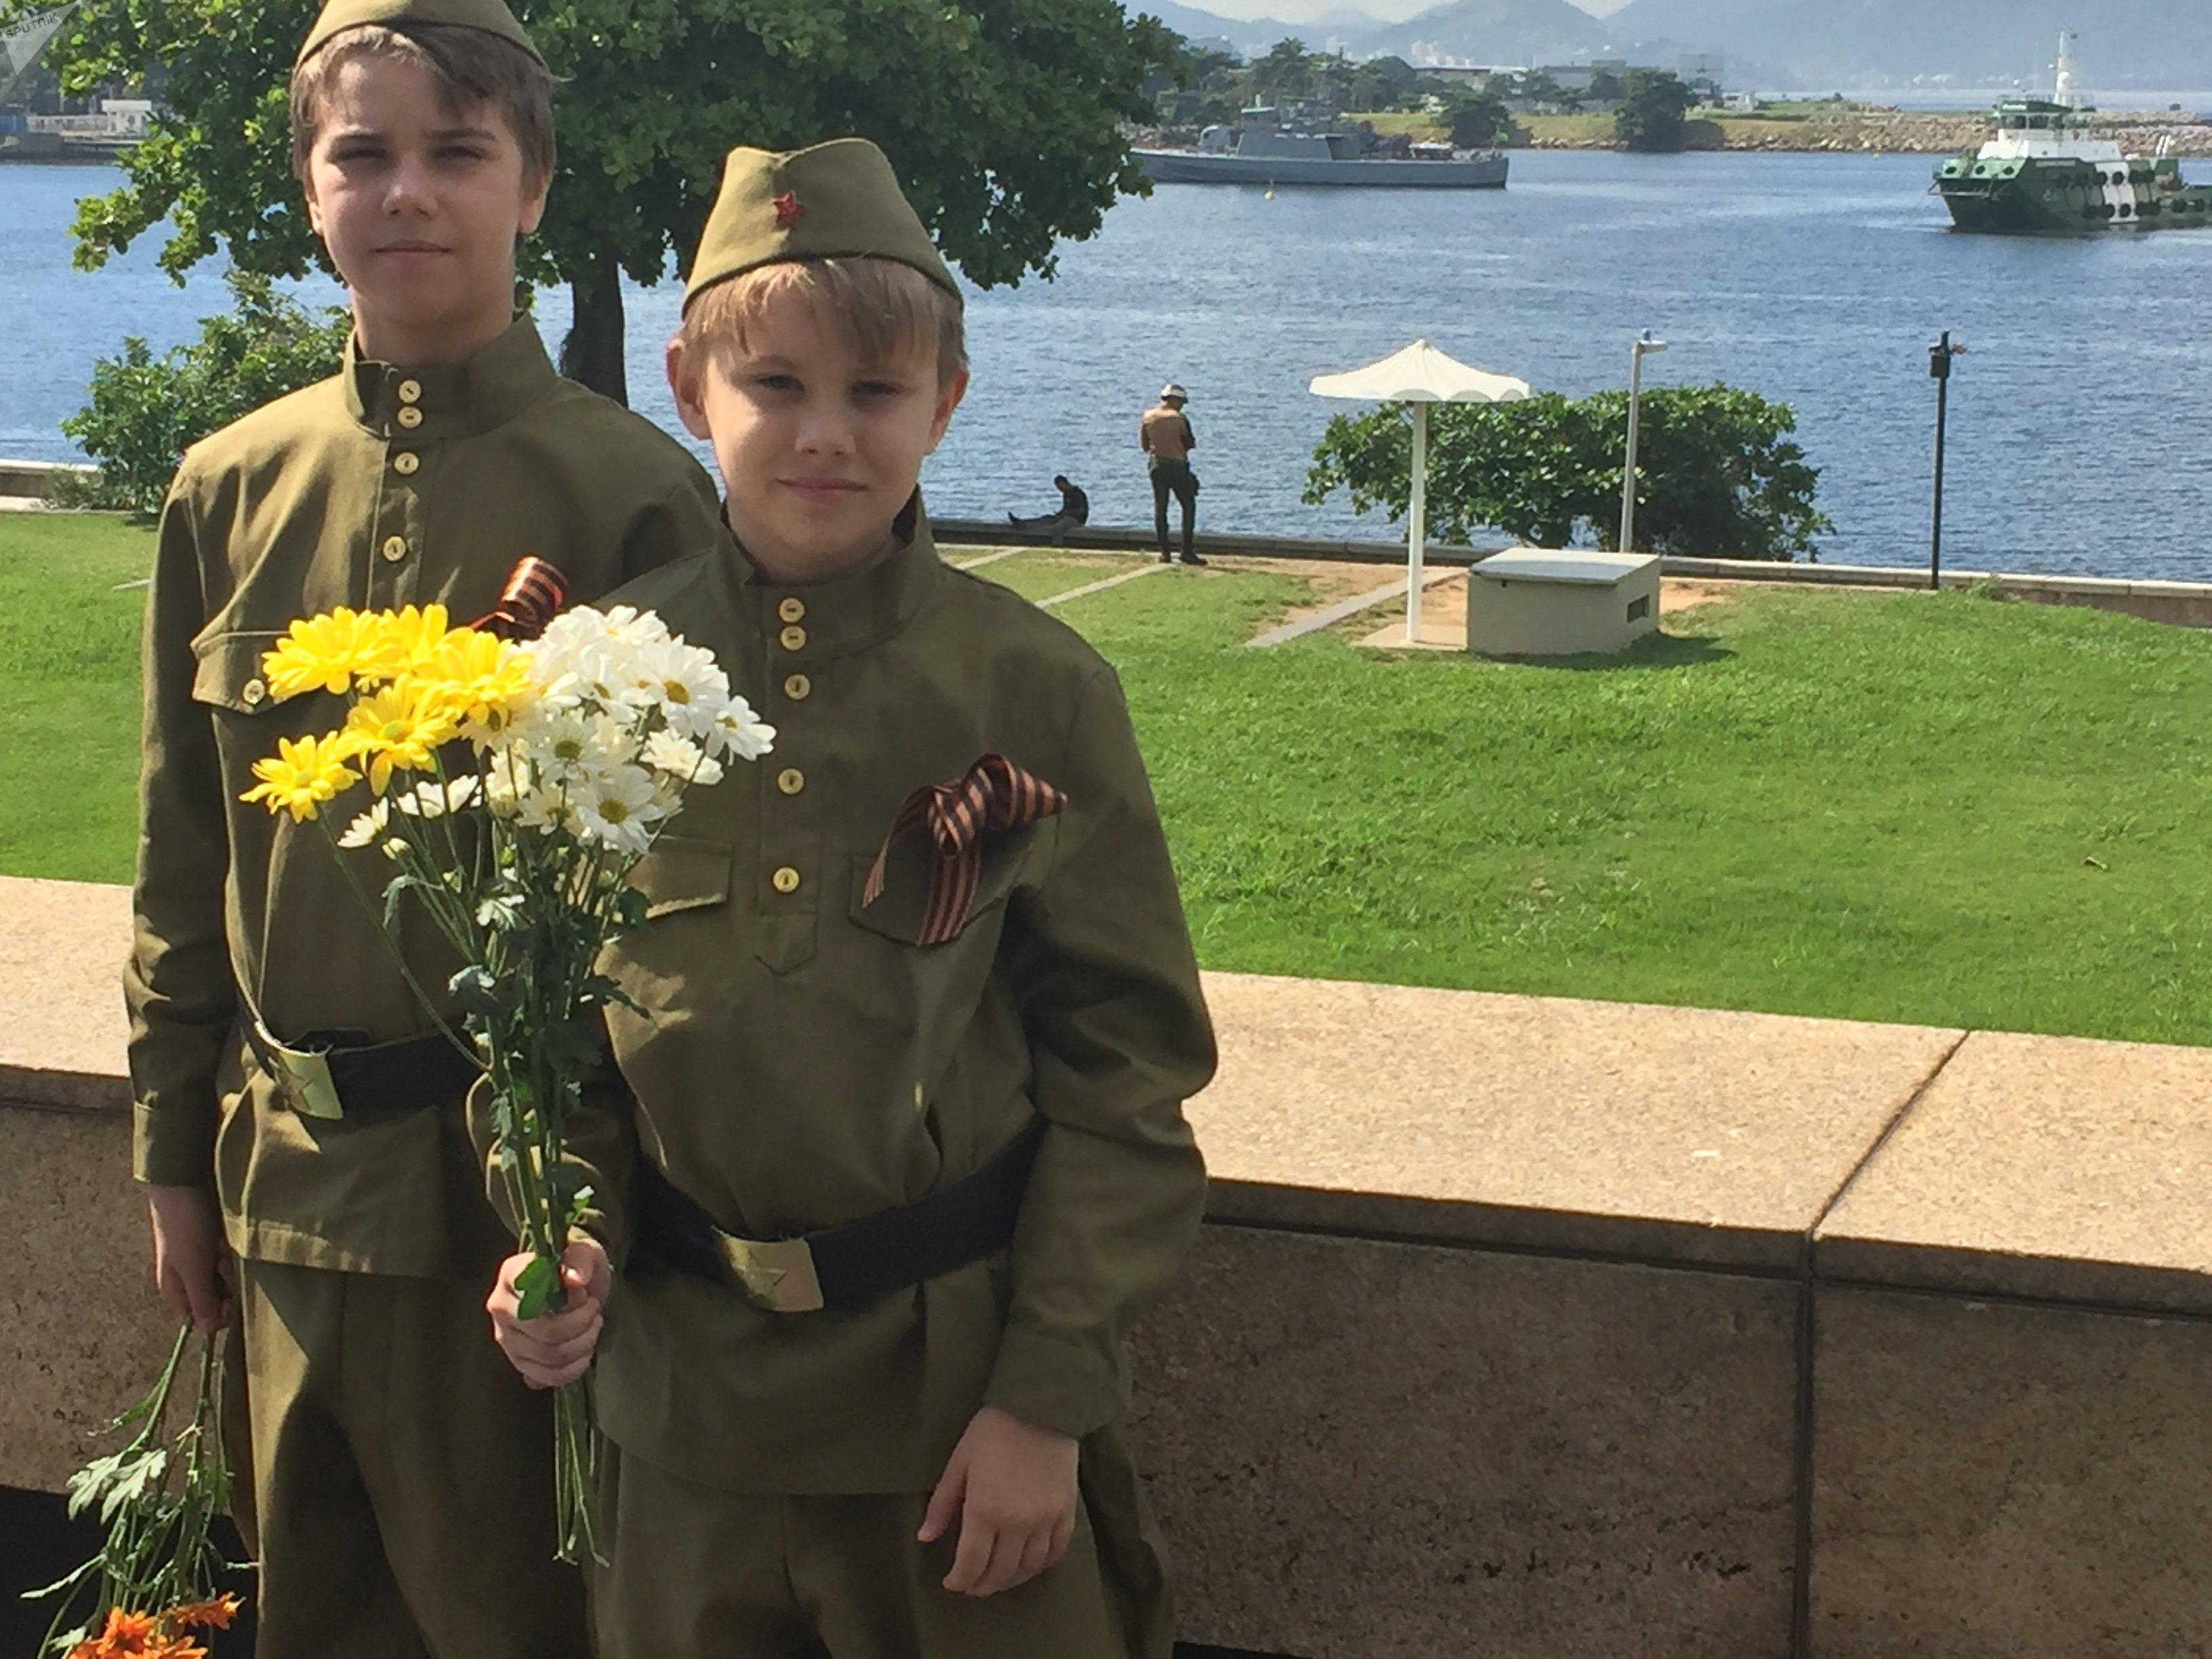 Crianças russas participaram das comemorações pelo Dia da Vitória usando a fita de São Jorge, sinal de respeito e luto pelos heróis nacionais da 2ª Guerra